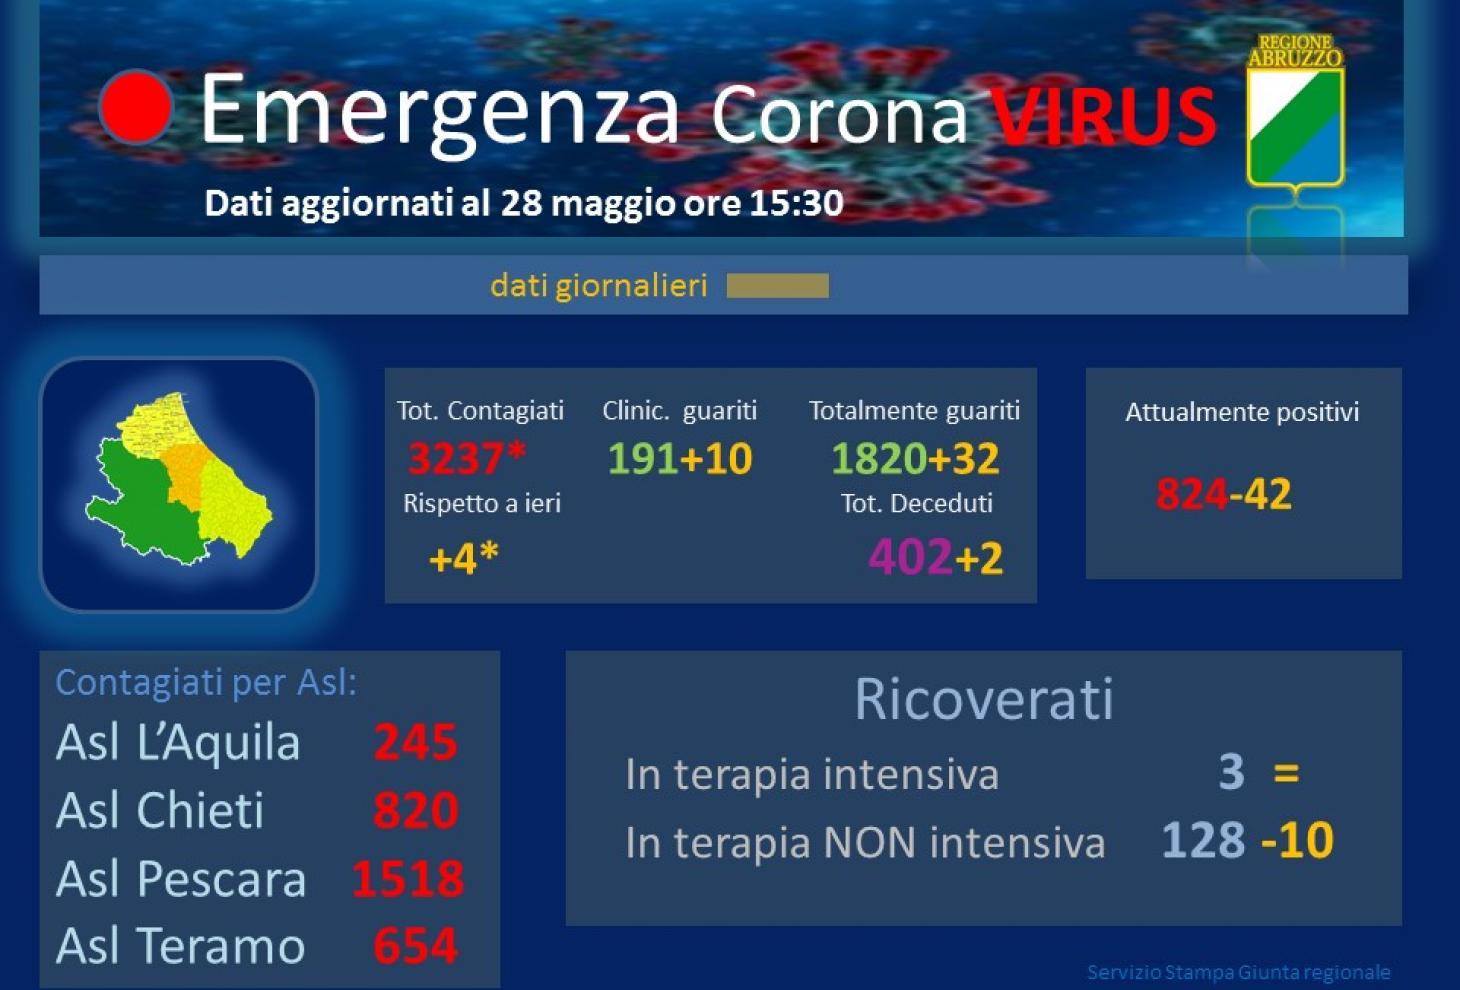 Coronavirus: Abruzzo, dati aggiornati al 28 maggio. Casi positivi a 3237*